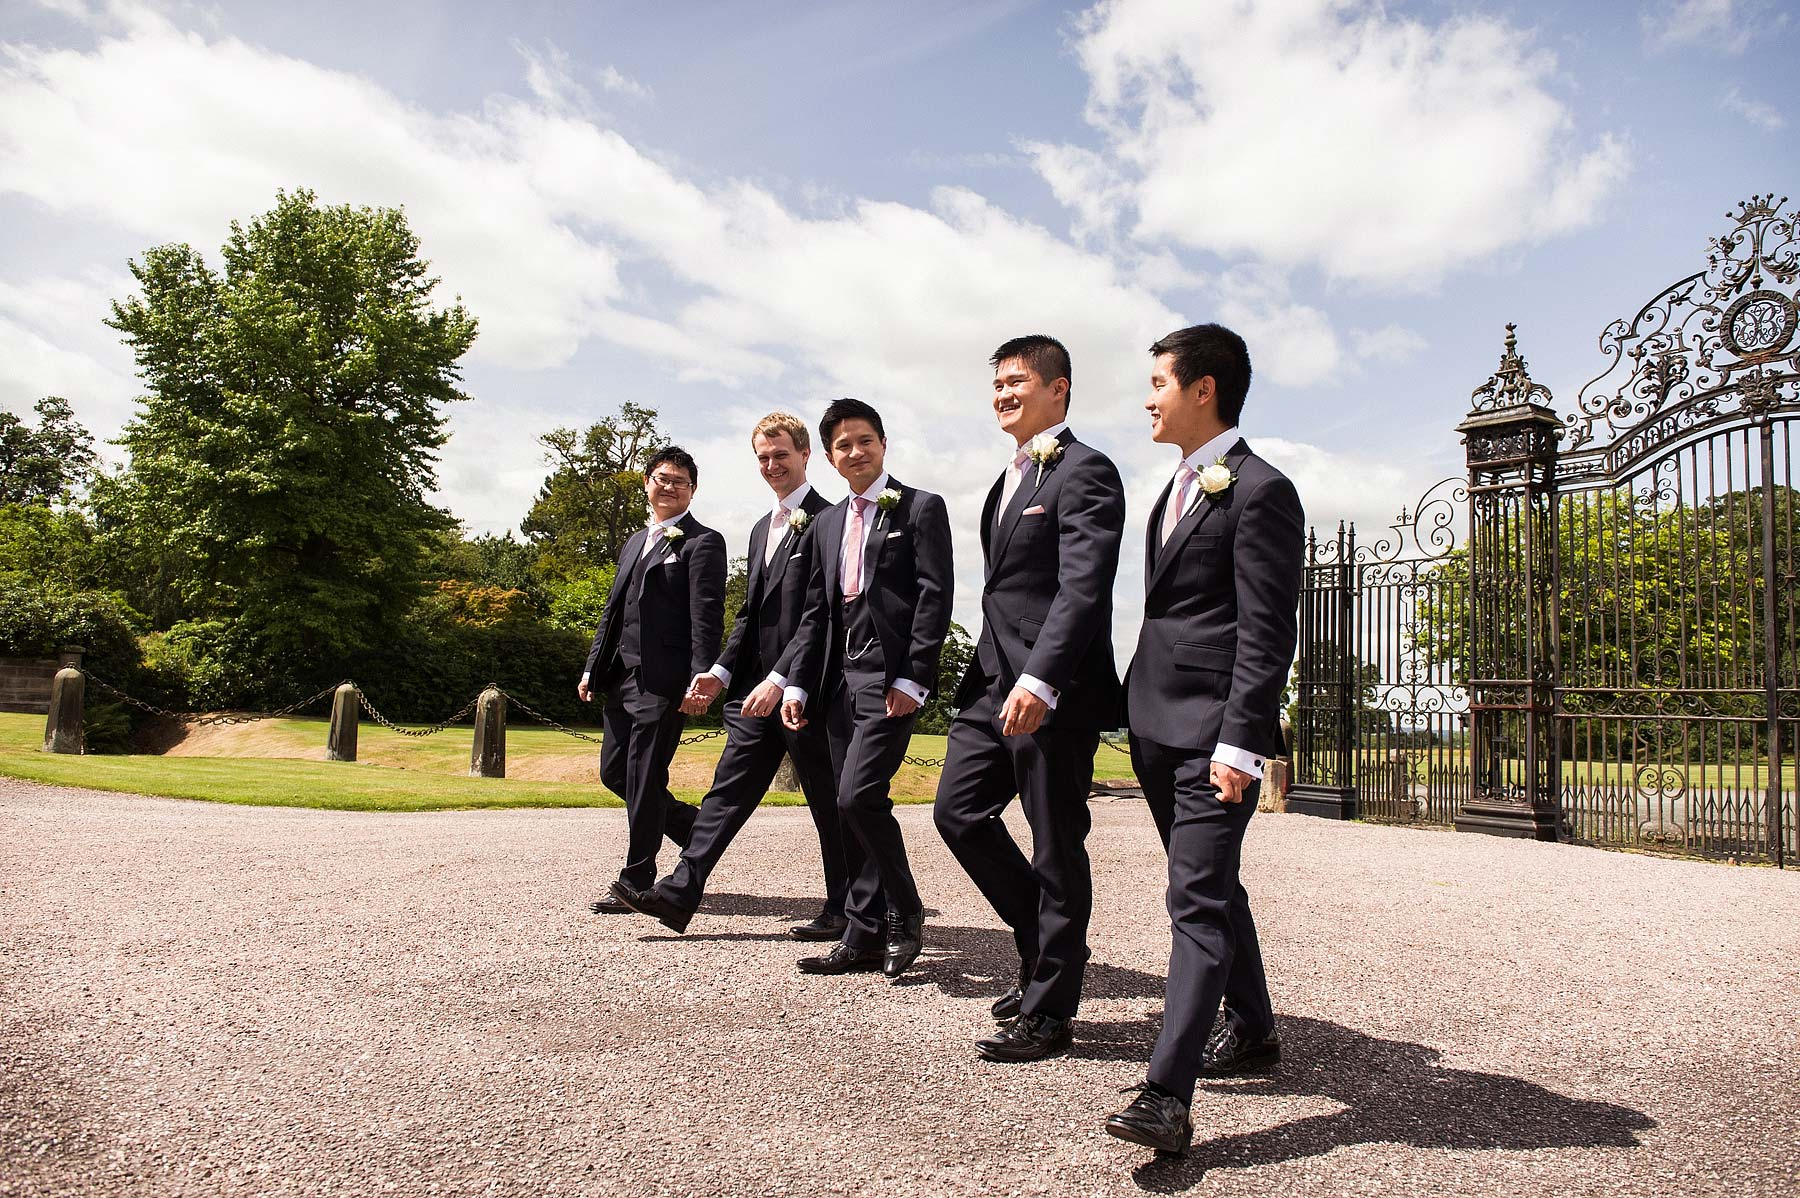 sandon-hall-wedding-photographer-008